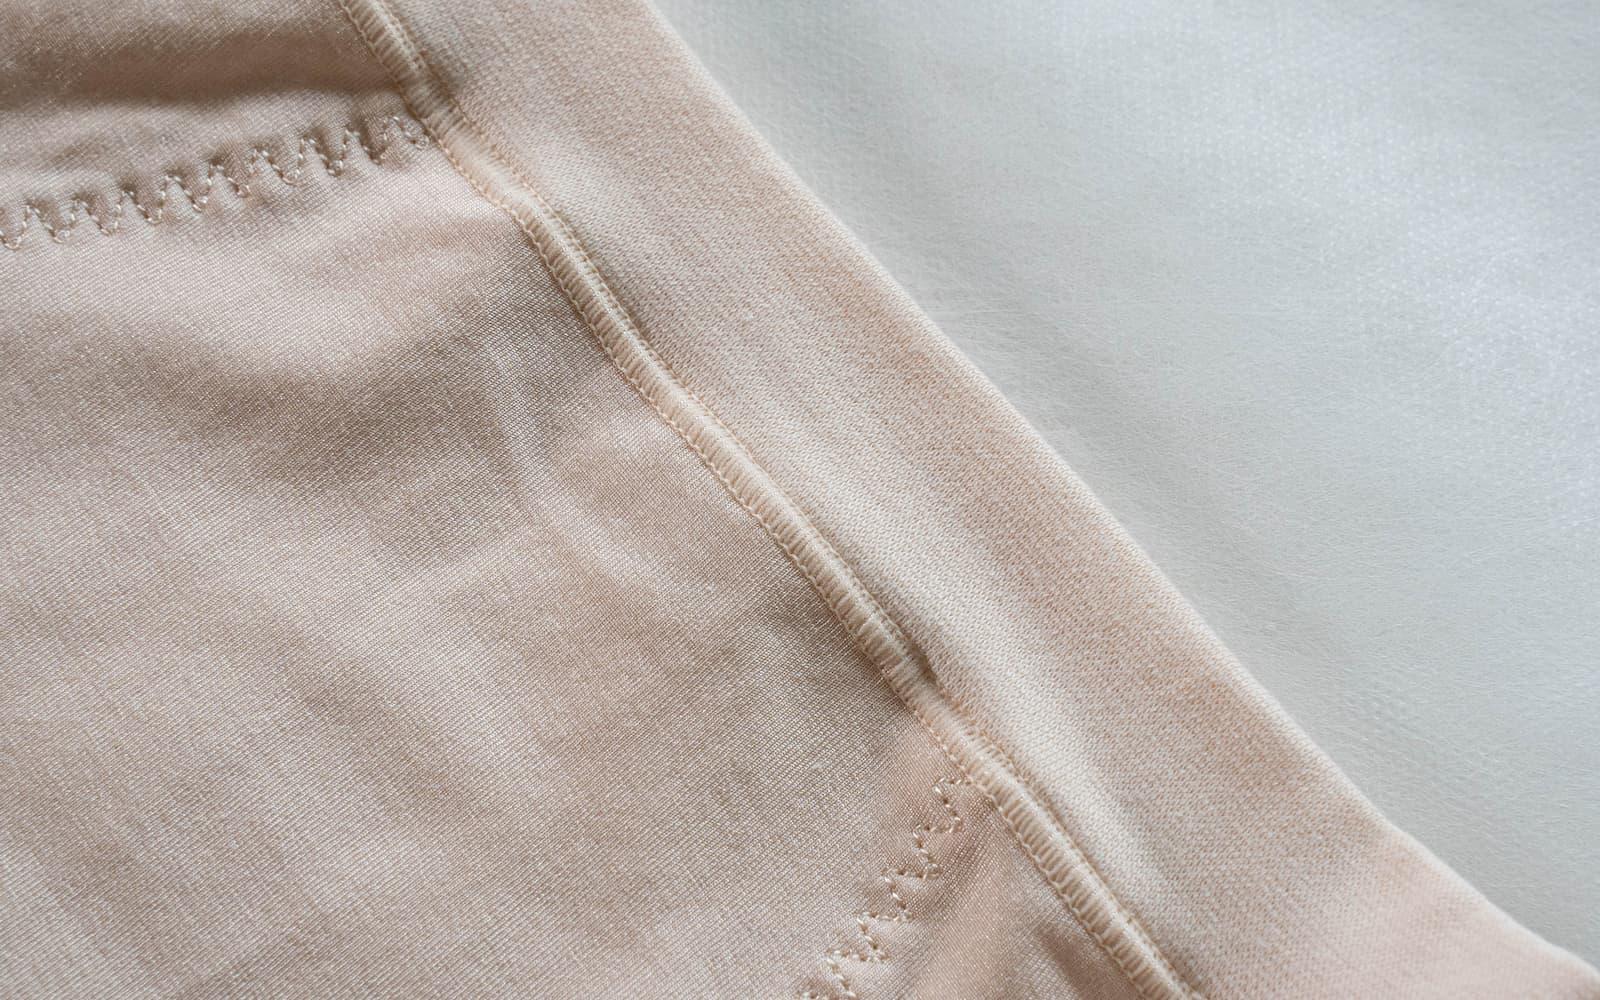 ポケット付きサニタリー(幅広スパンゴム)